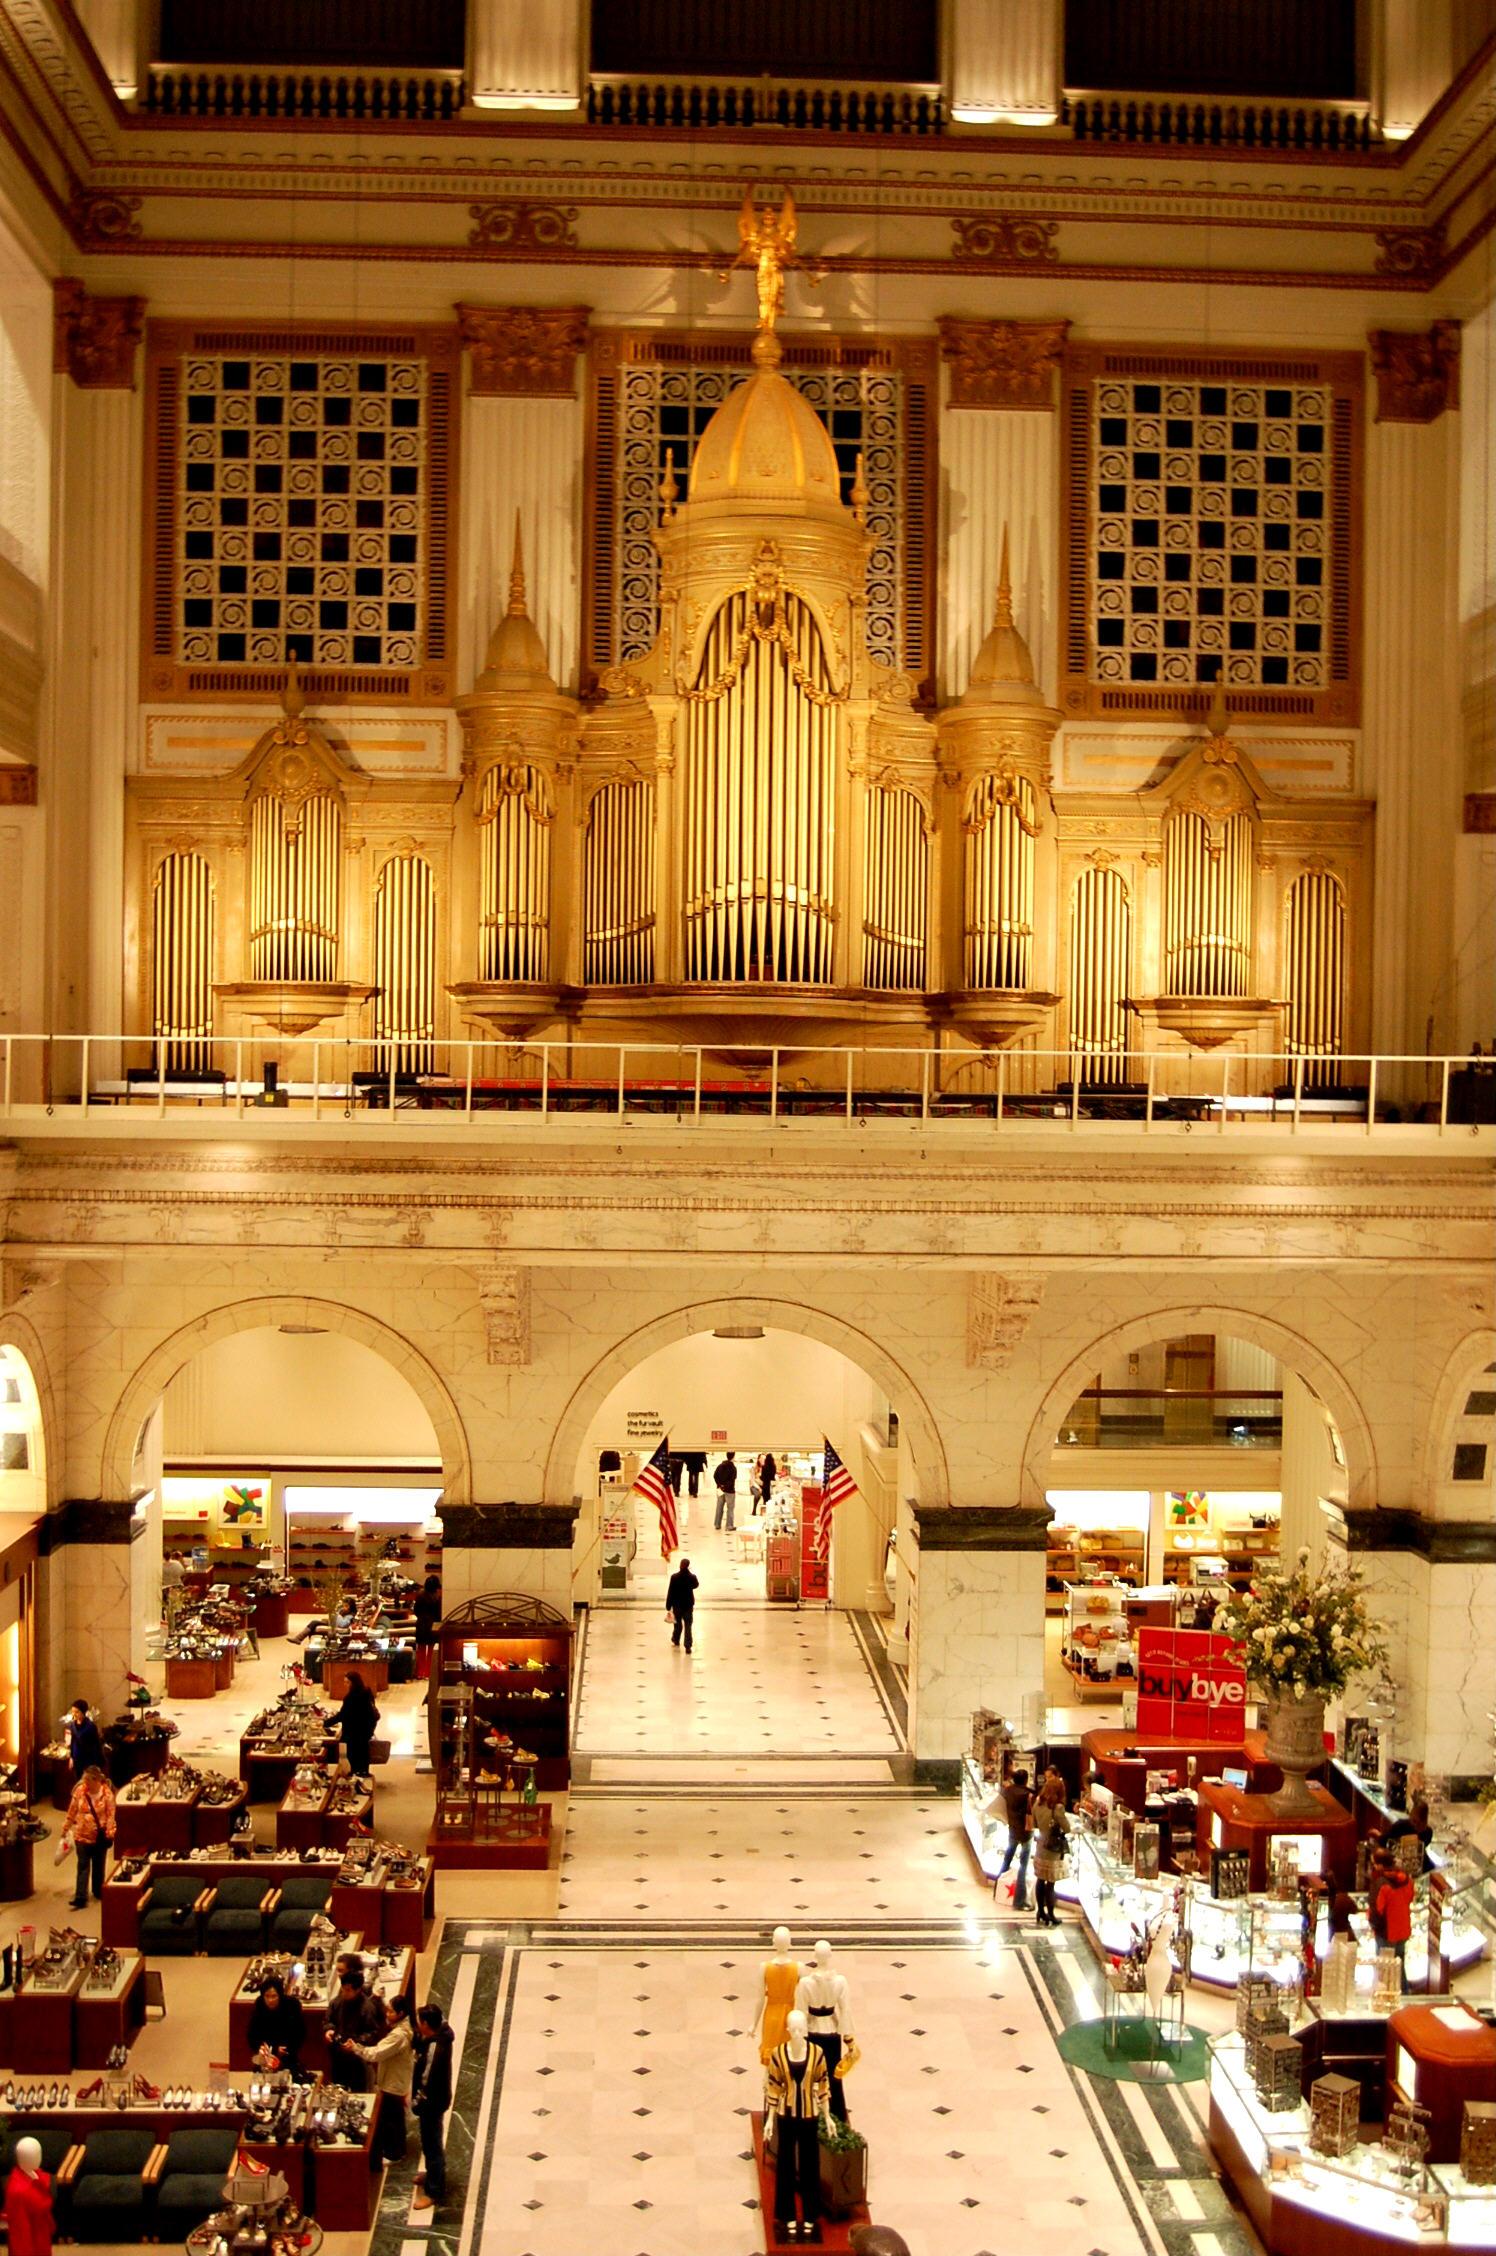 The [[Wanamaker Organ